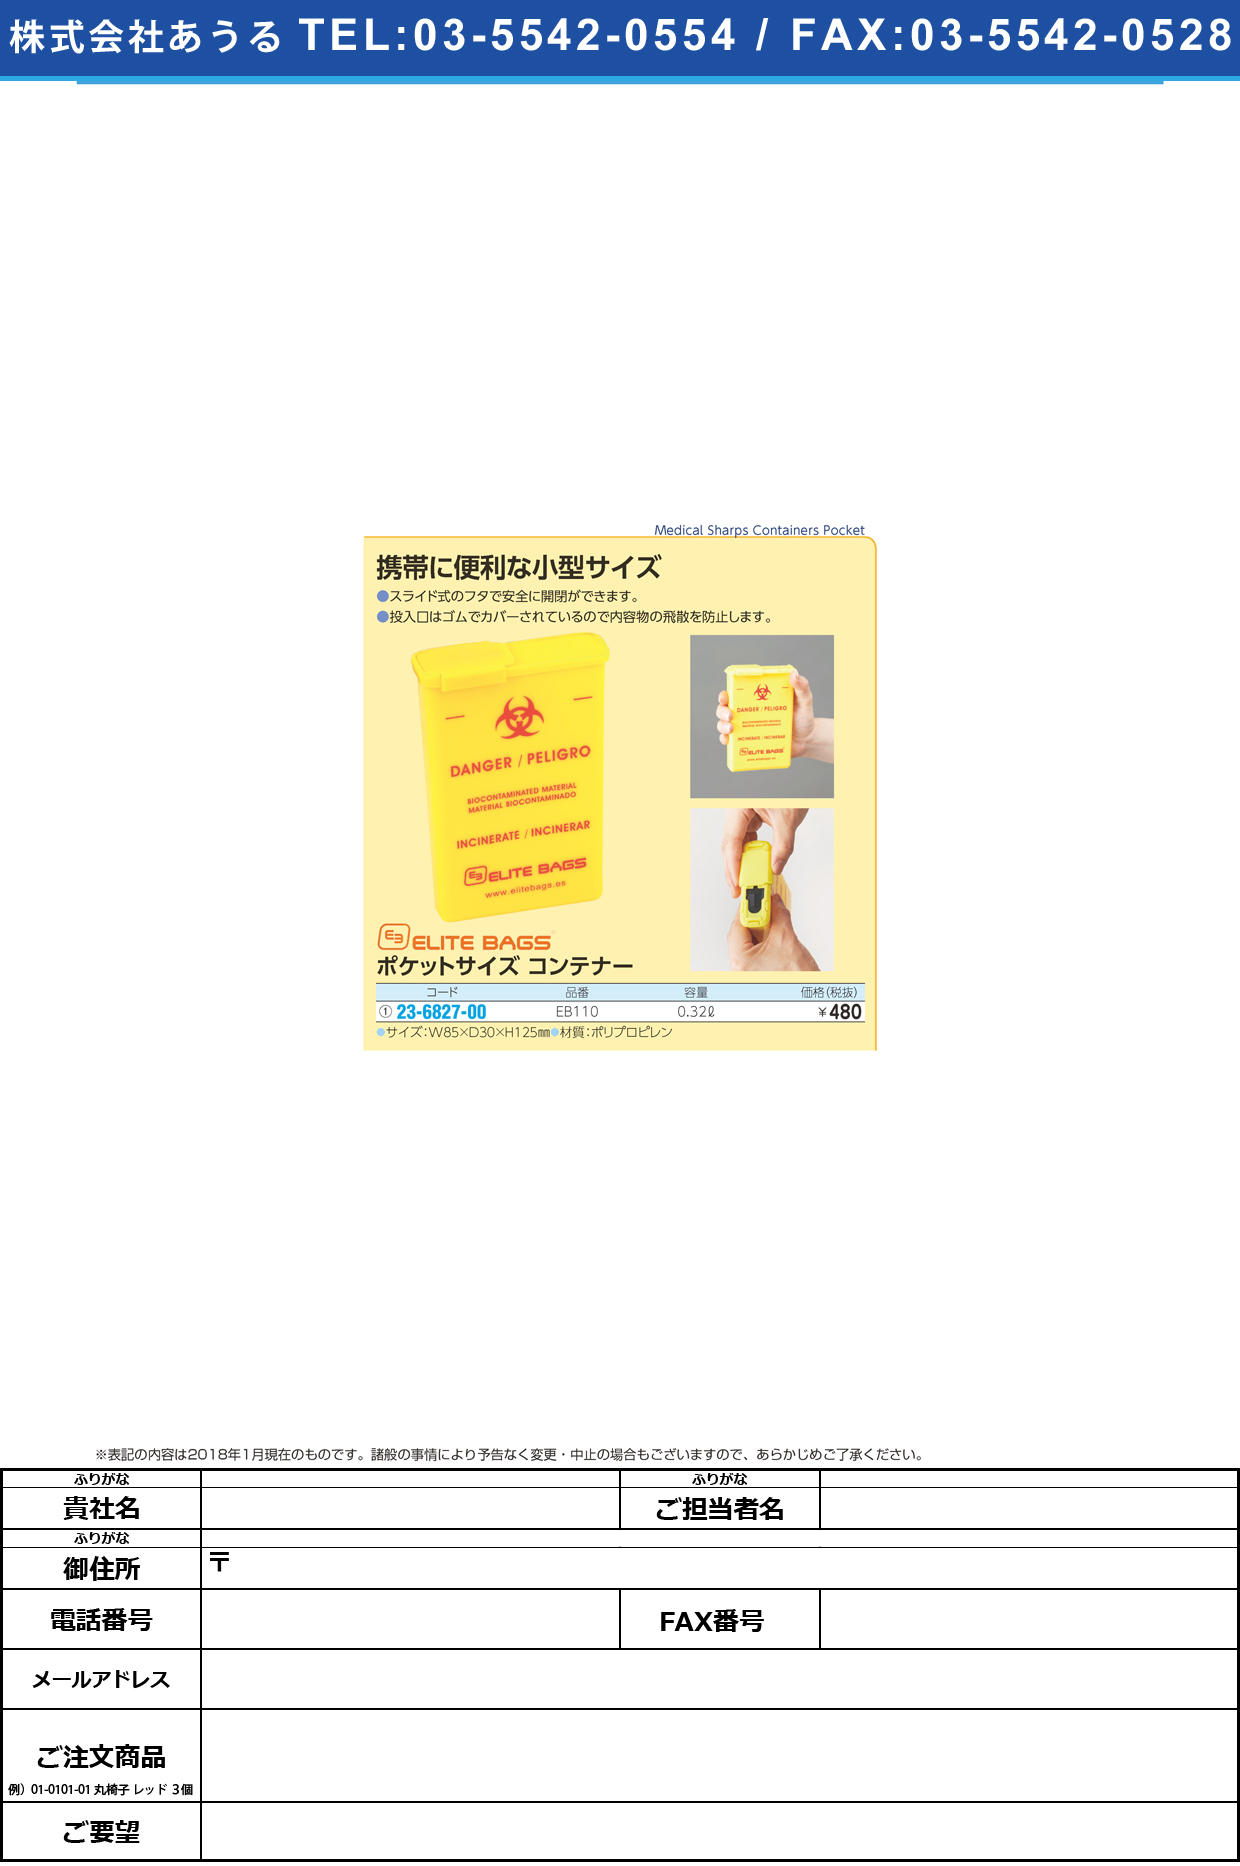 (23-6827-00)ポケットサイズコンテナー EB110(0.32L) ポケットサイズコンテナー(エリートバッグ社)【1個単位】【2018年カタログ商品】